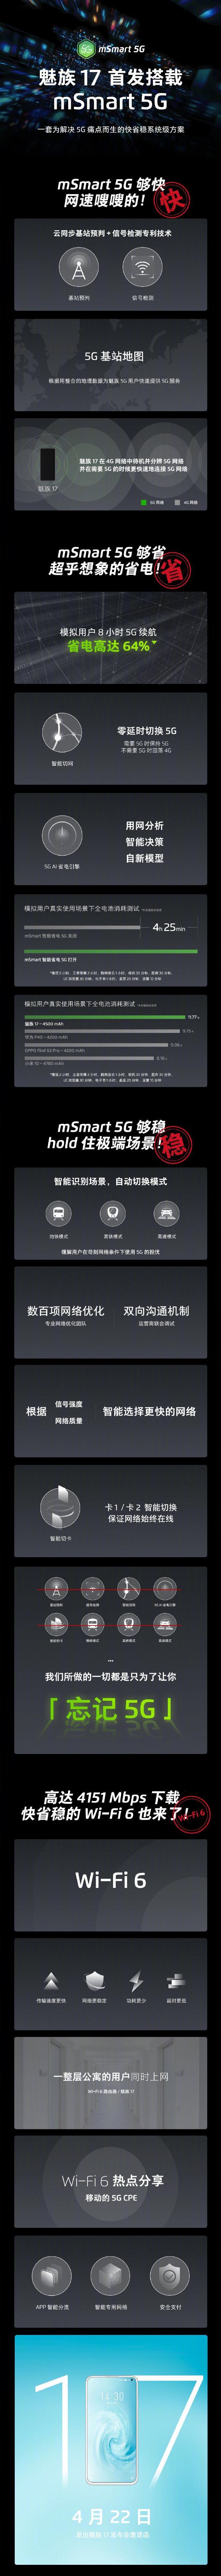 一張圖看懂魅族17 mSmart 5G 快省穩技術分享會